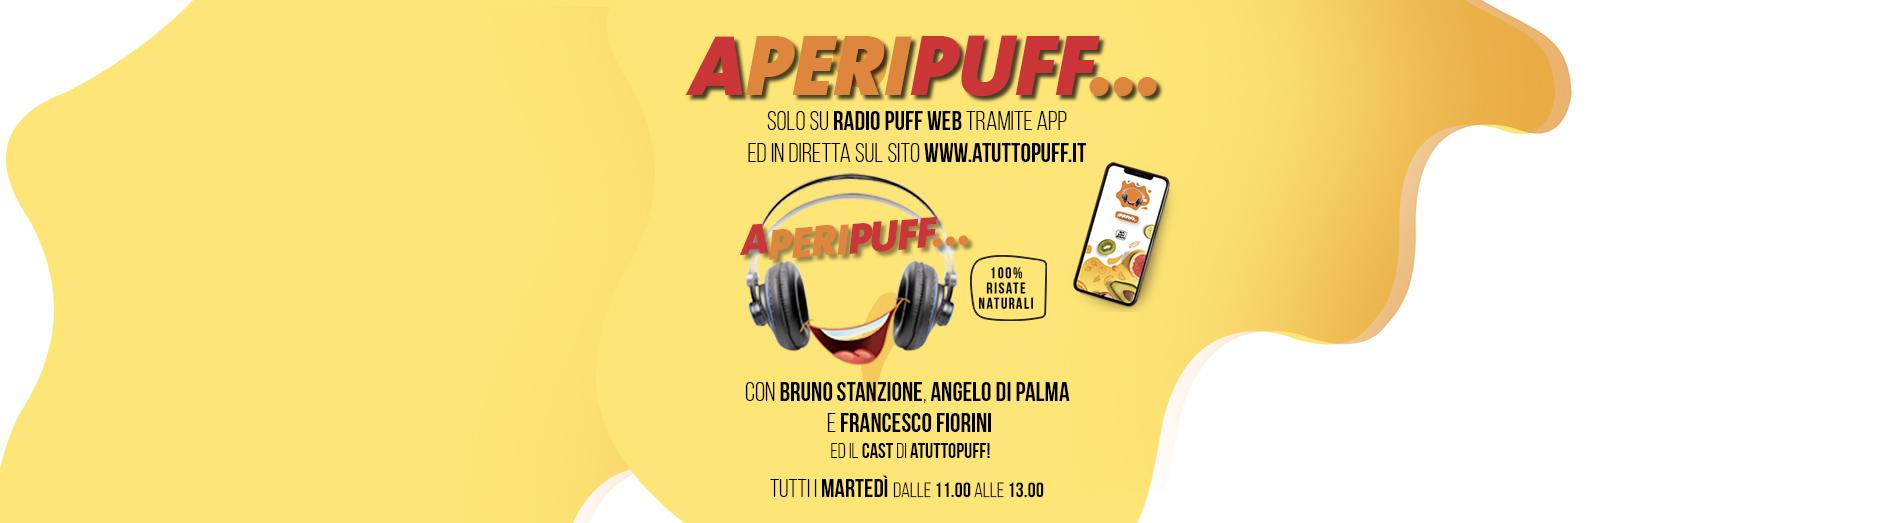 APeRiPuff